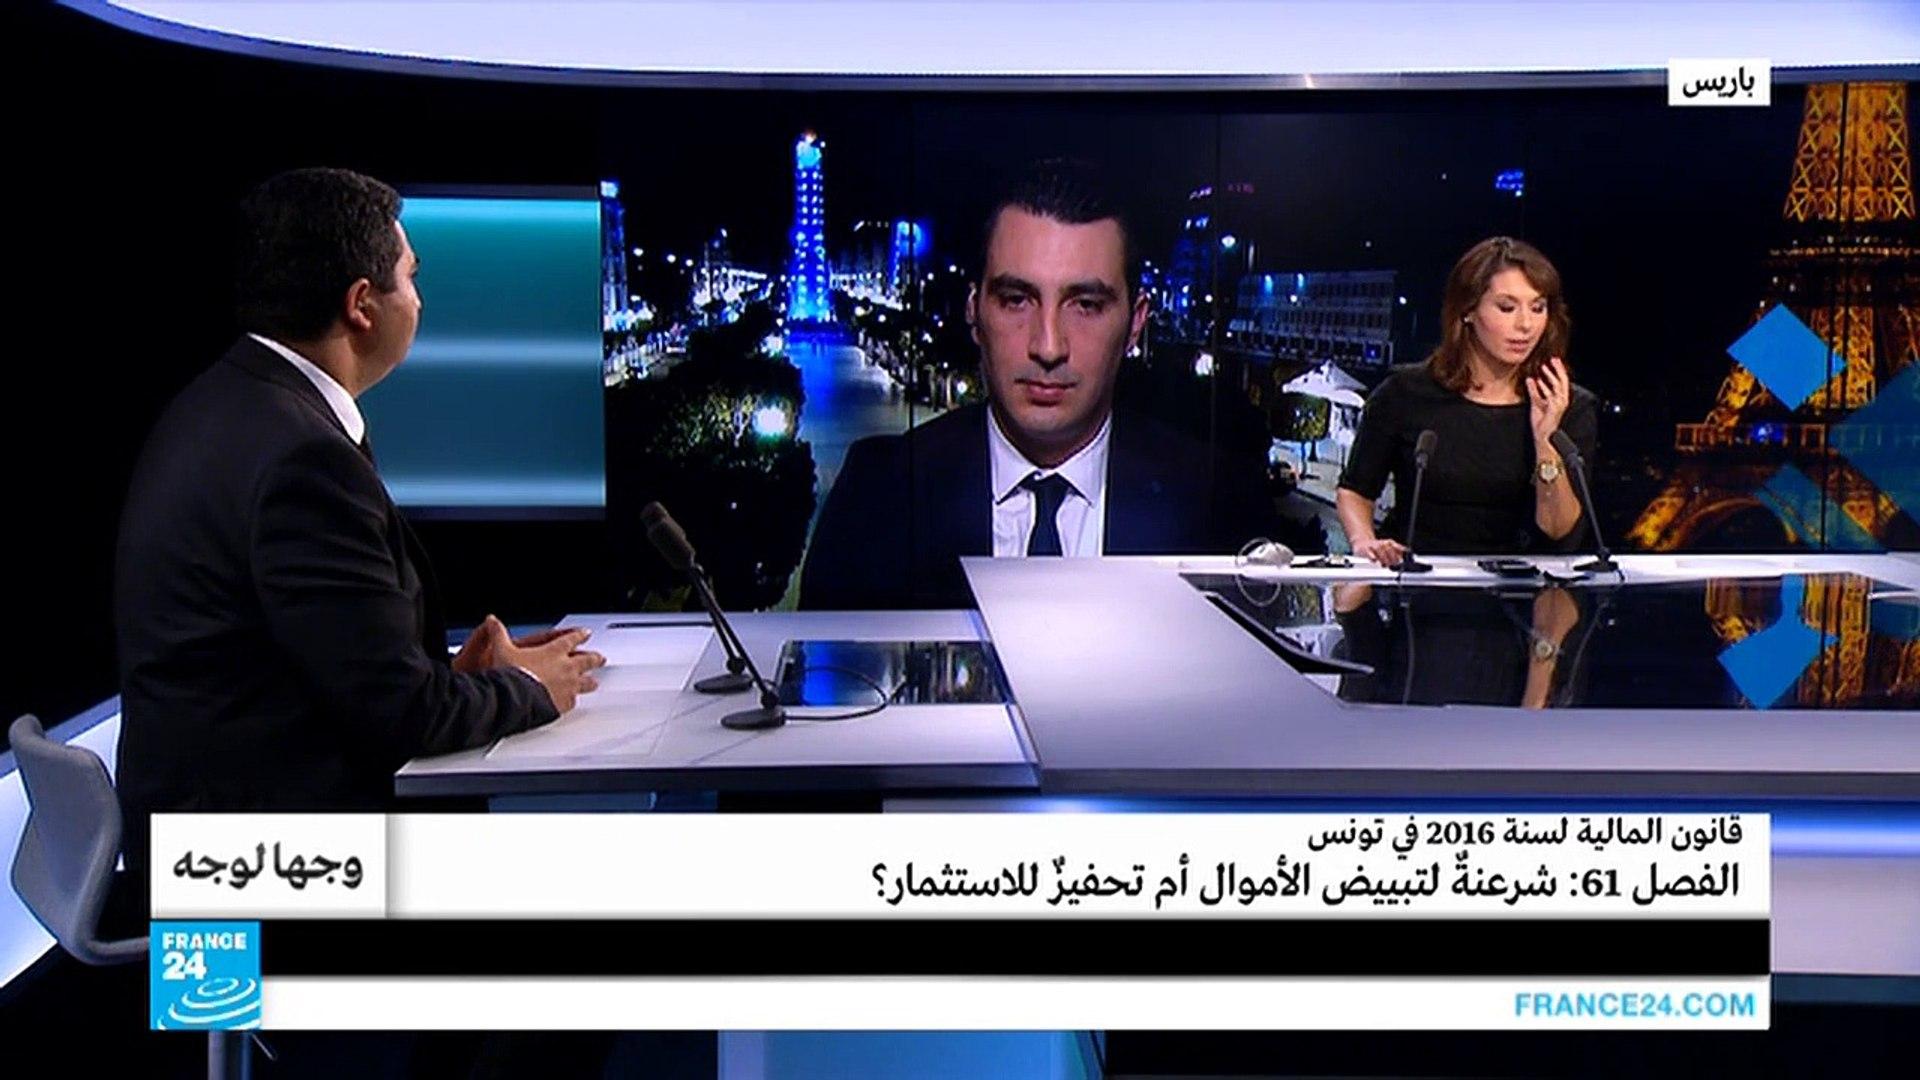 قانون المالية لسنة 2016 في تونس.. الفصل 61: شرعنة لتبييض الأموال أم تحفيز للاستثمار؟